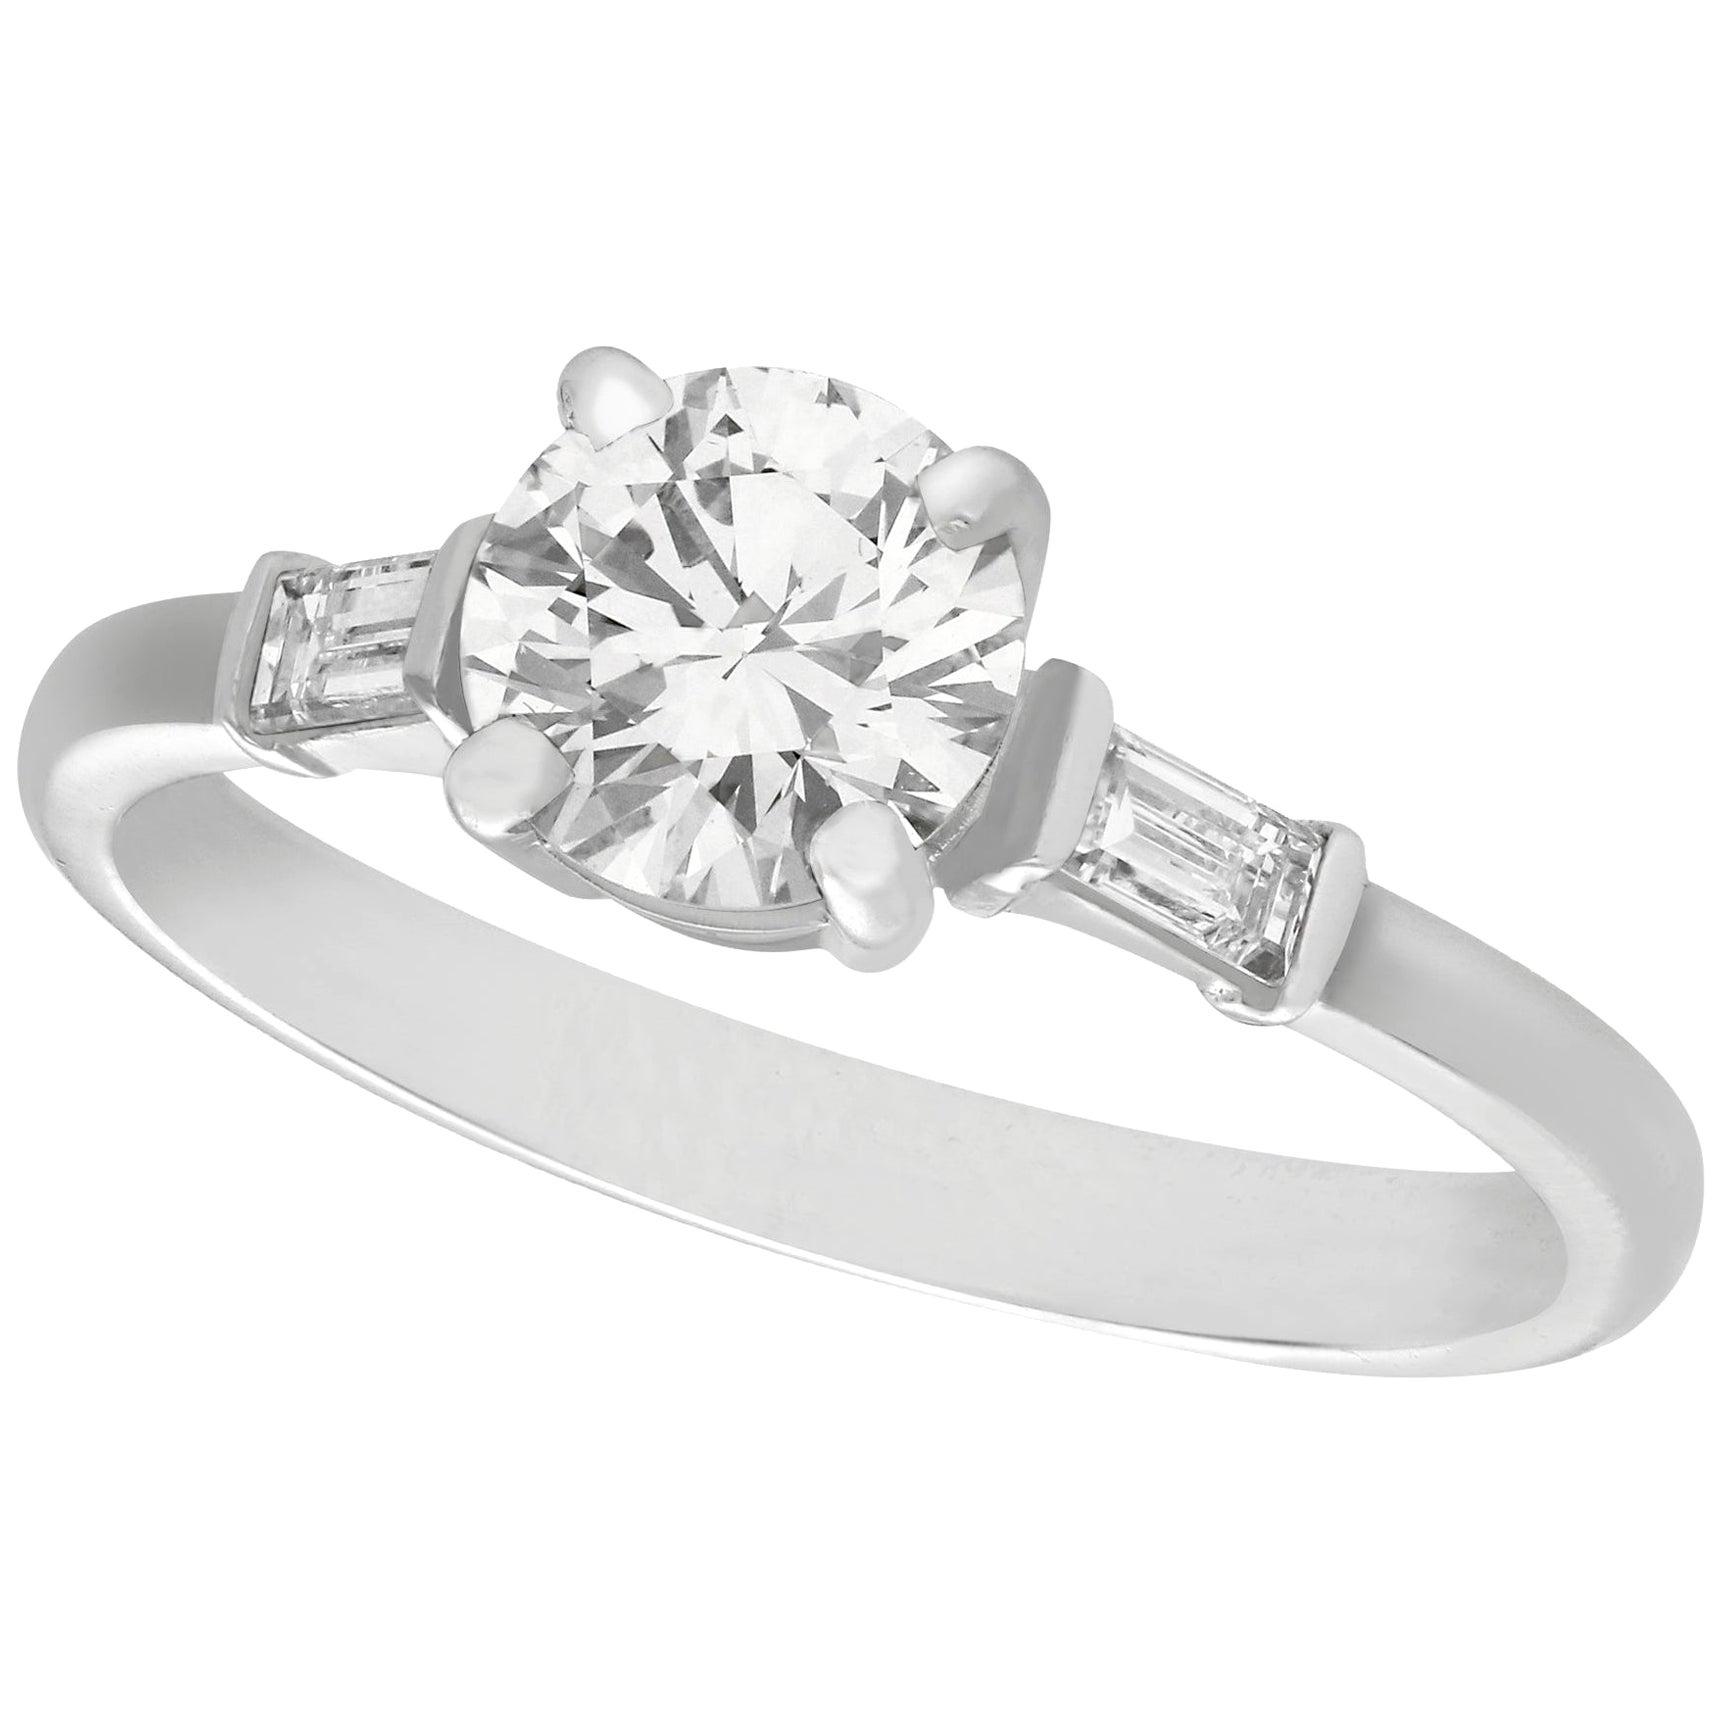 1.03 Carat Diamond Platinum Solitaire Engagement Ring